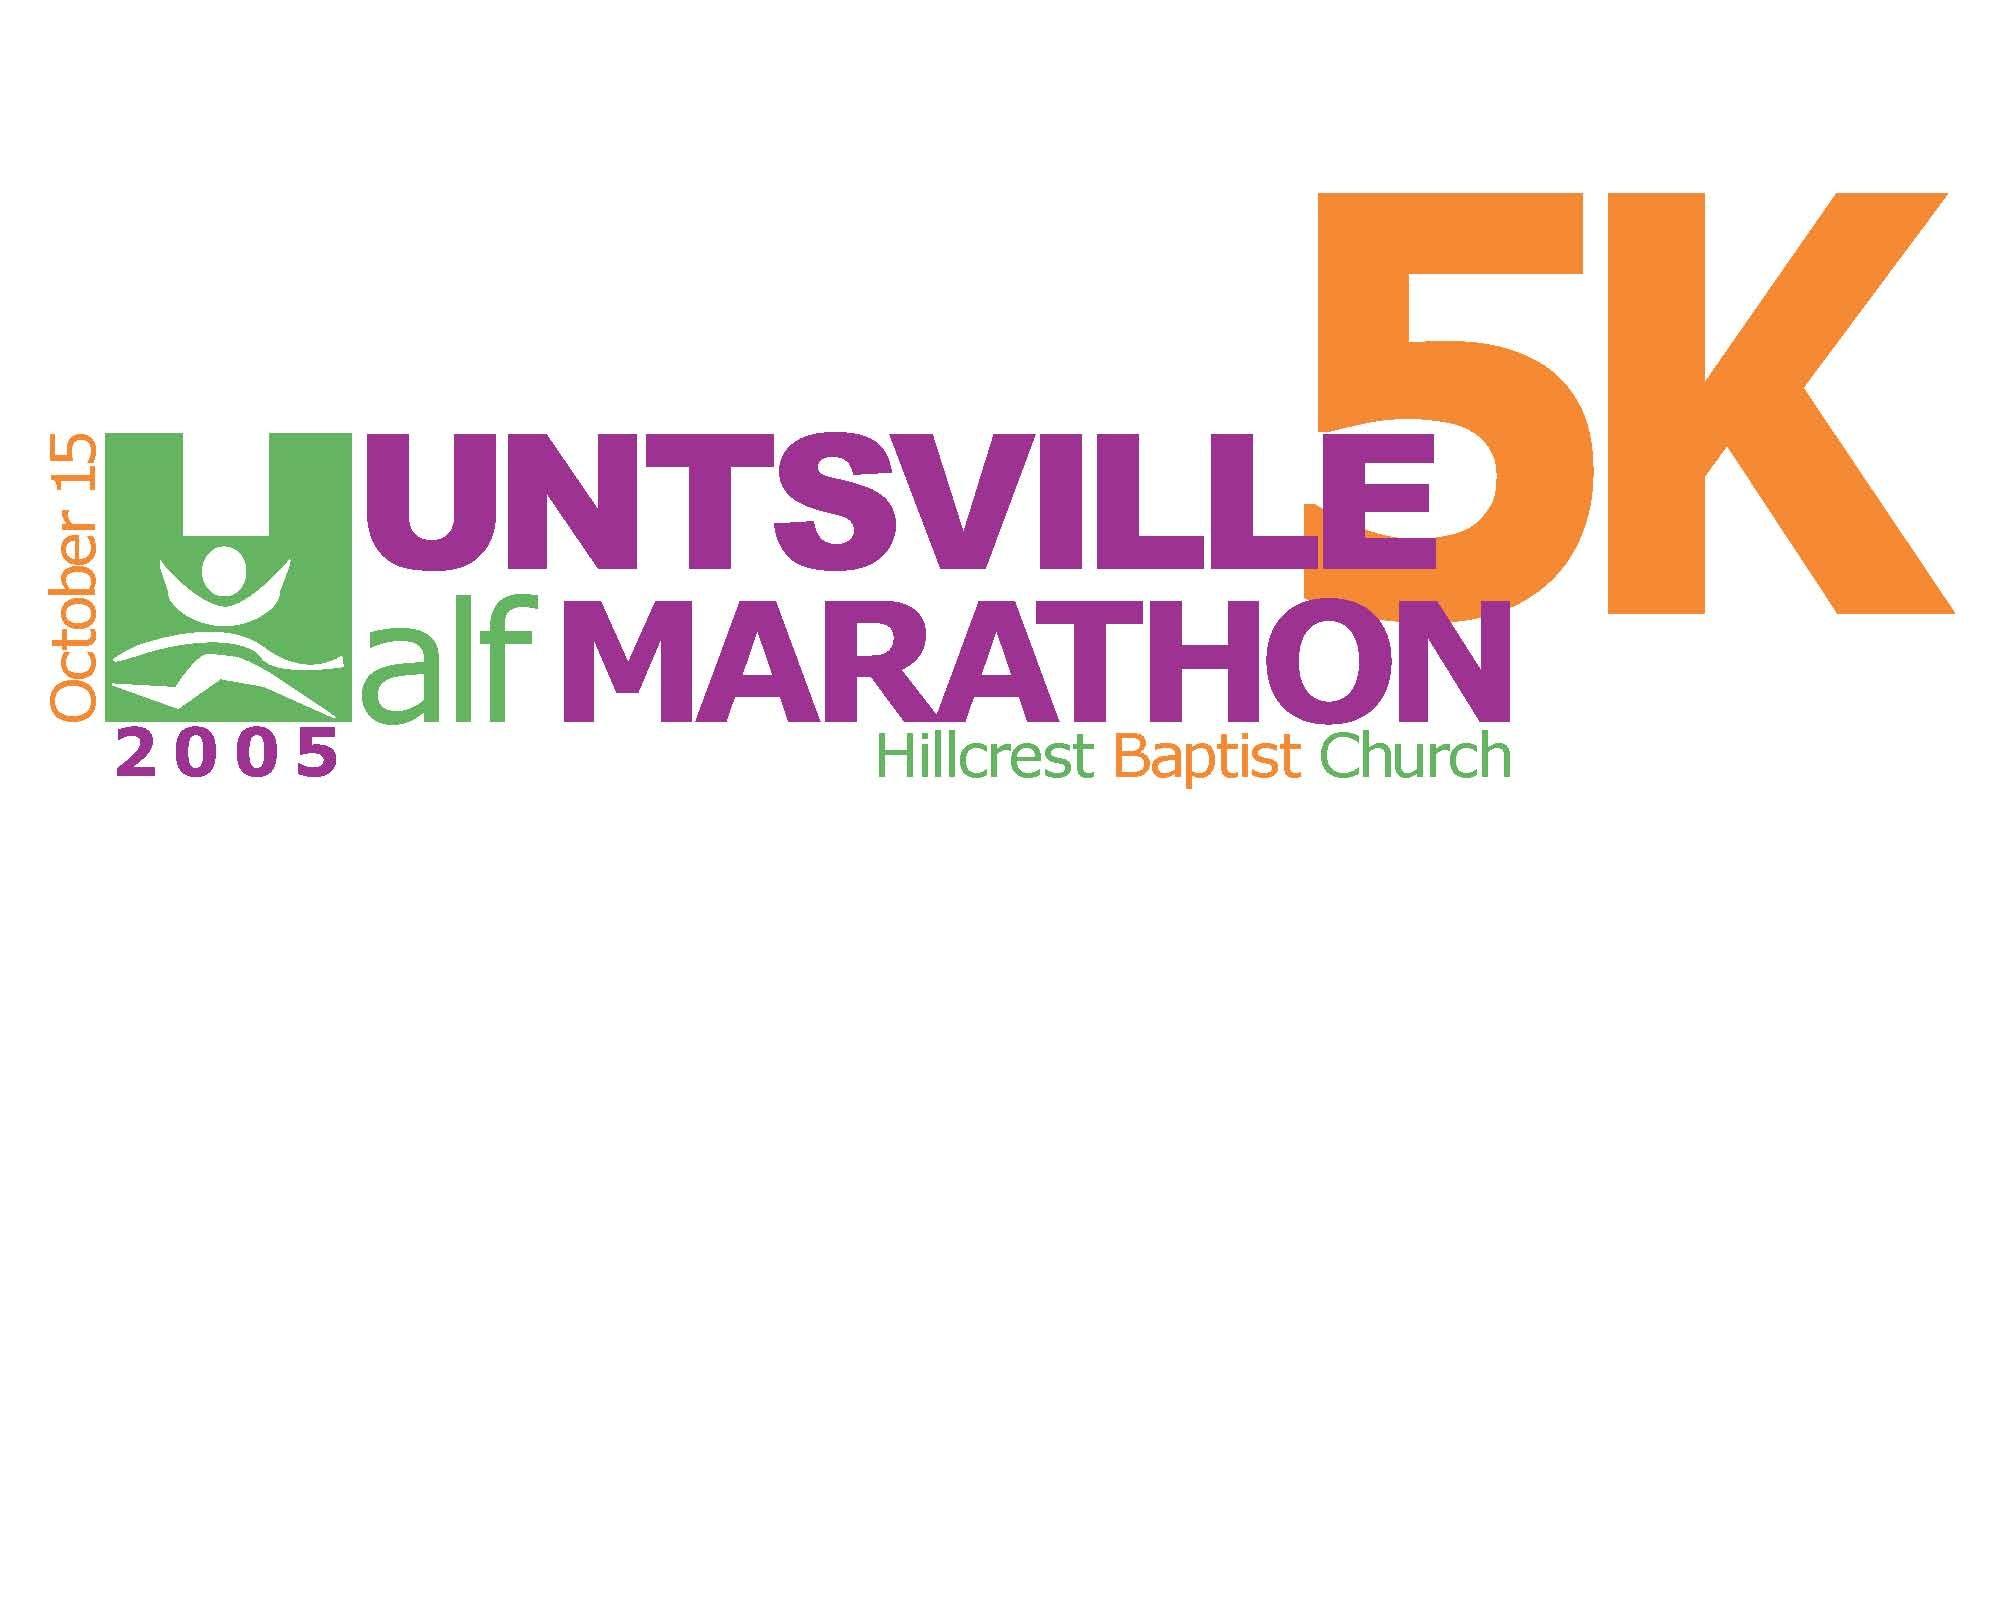 T shirt design huntsville al - Huntsville 5k Half Marathon T Shirt Design T Shirt Design For The Huntsville 5k Half Marathon